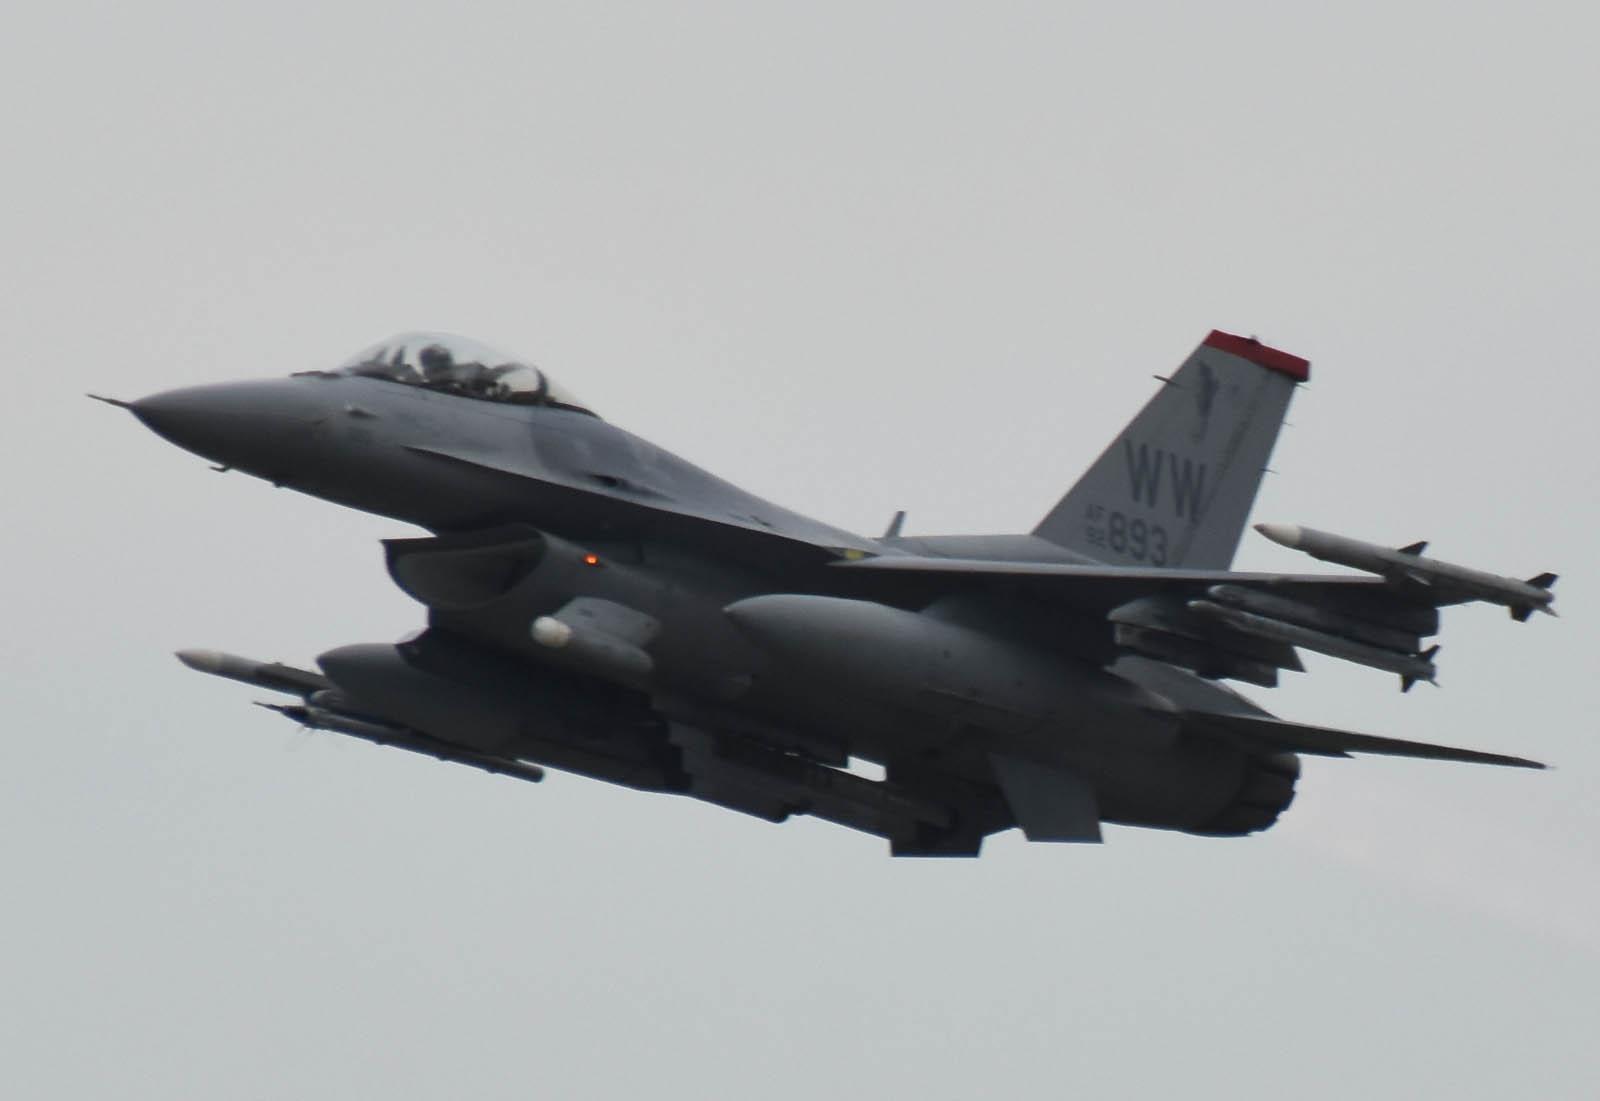 F16cm170825g784